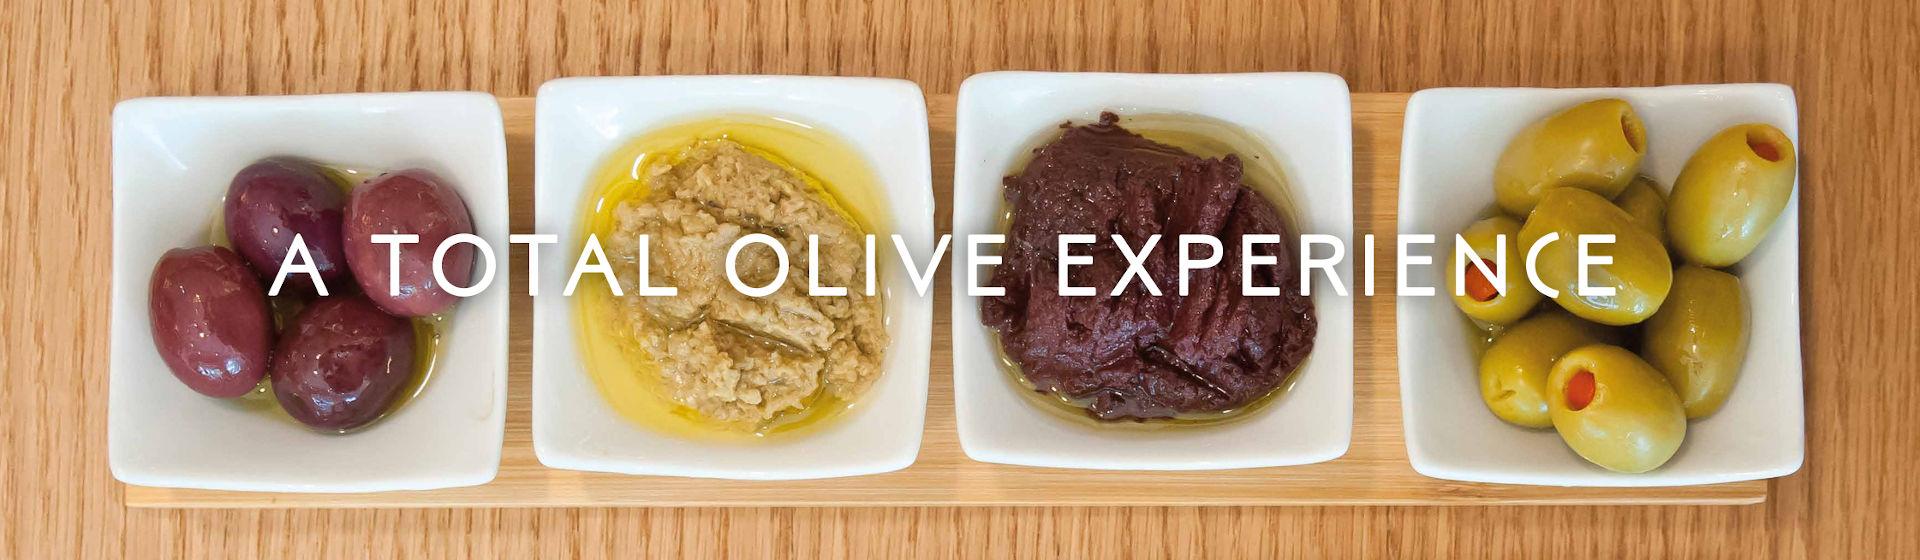 oliveum front image 4